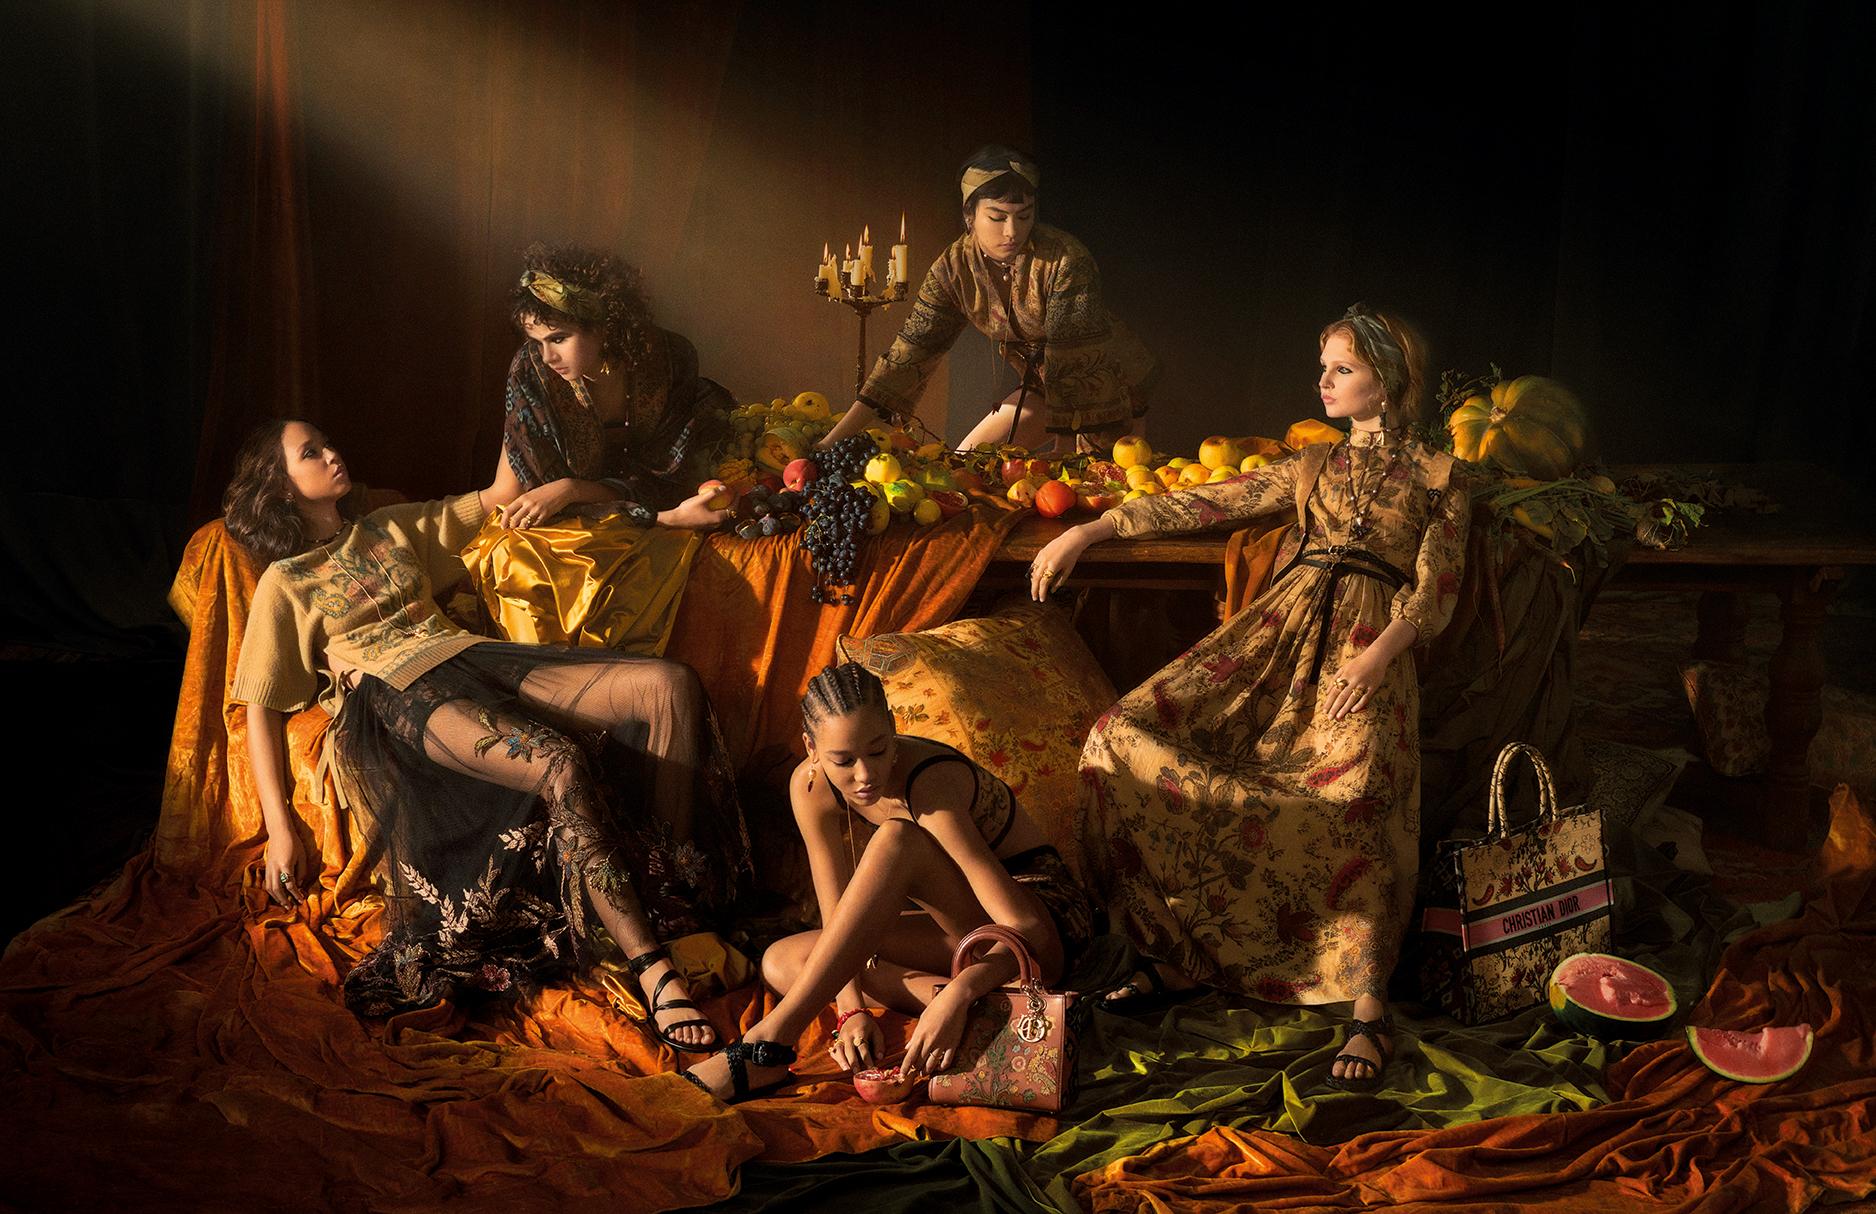 Новую кампанию Dior вдохновили картины Караваджо (фото 1)